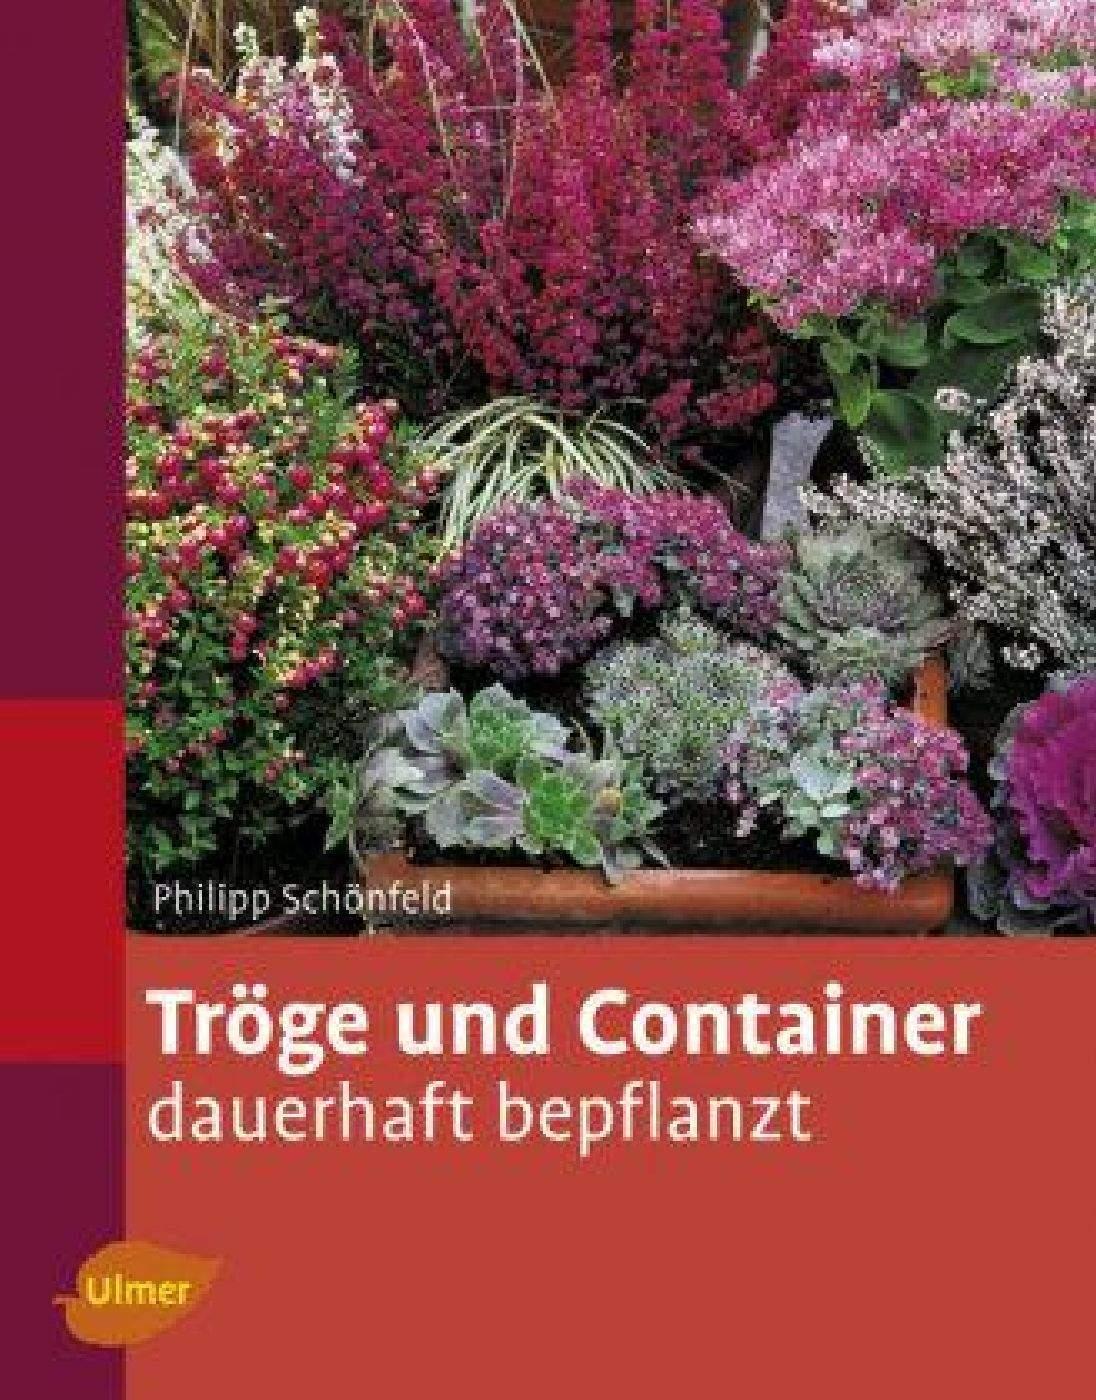 9578 Trge und Container dauerhaft bepflanzen 15e29d f